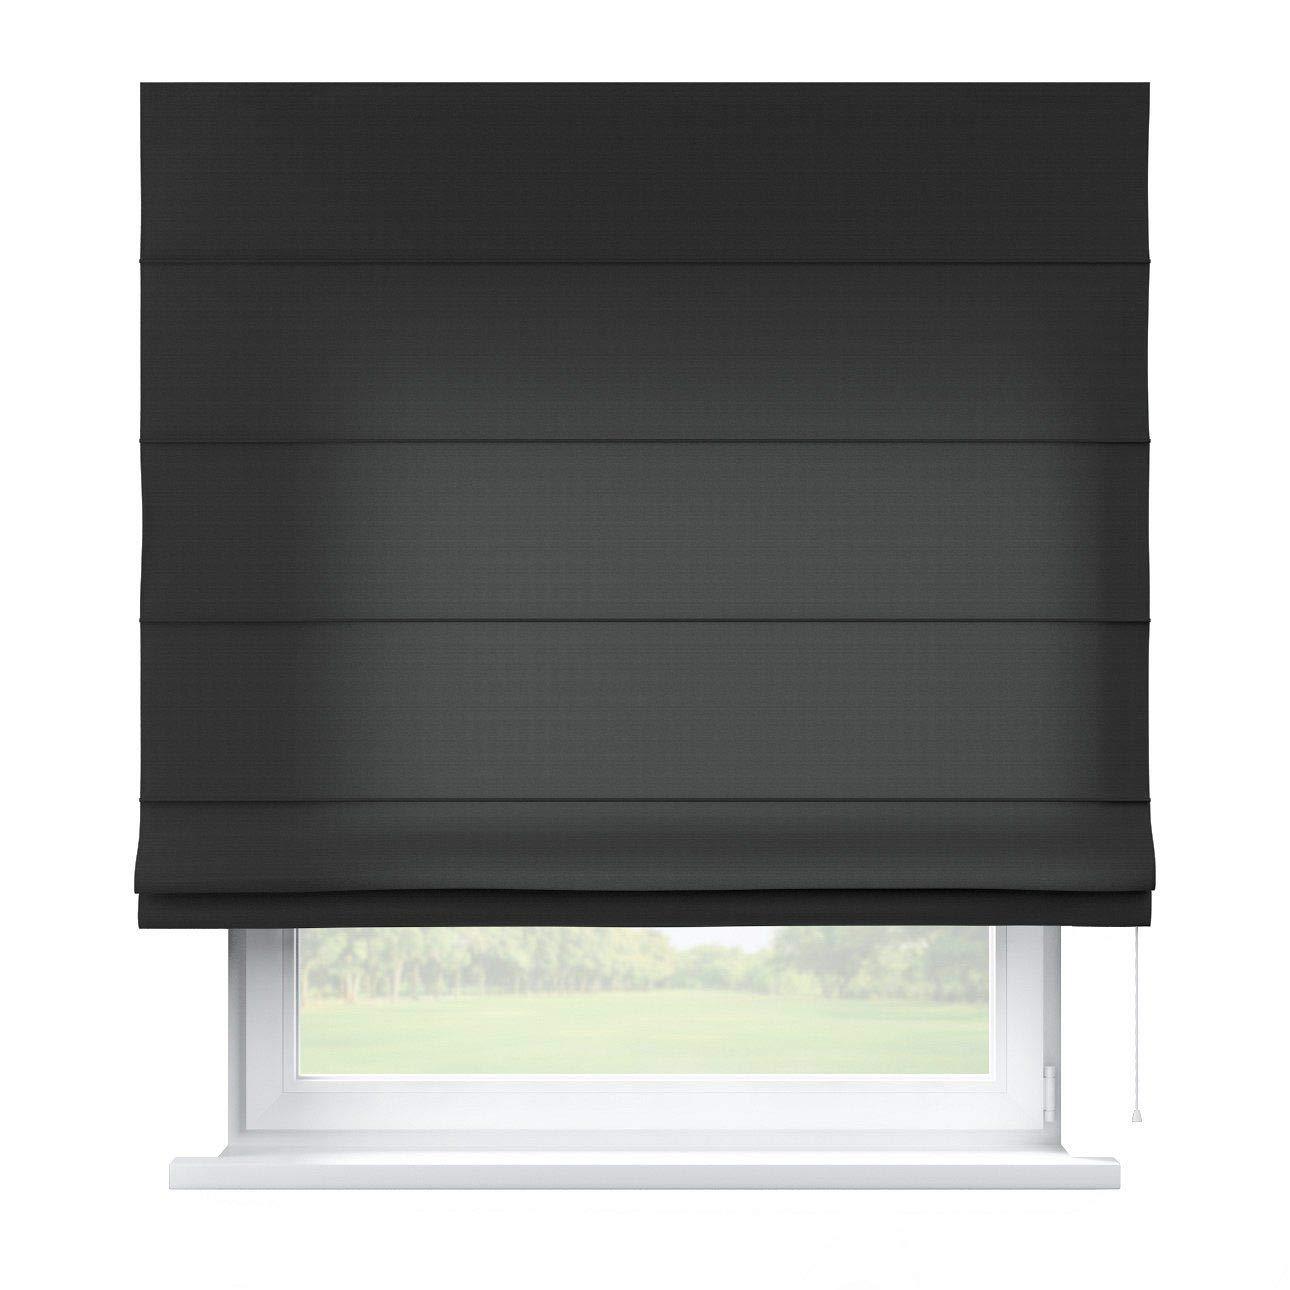 Dekoria Raffrollo Capri ohne Bohren Blickdicht Faltvorhang Raffgardine Wohnzimmer Schlafzimmer Kinderzimmer 130 × 170 cm schwarz Raffrollos auf Maß maßanfertigung möglich